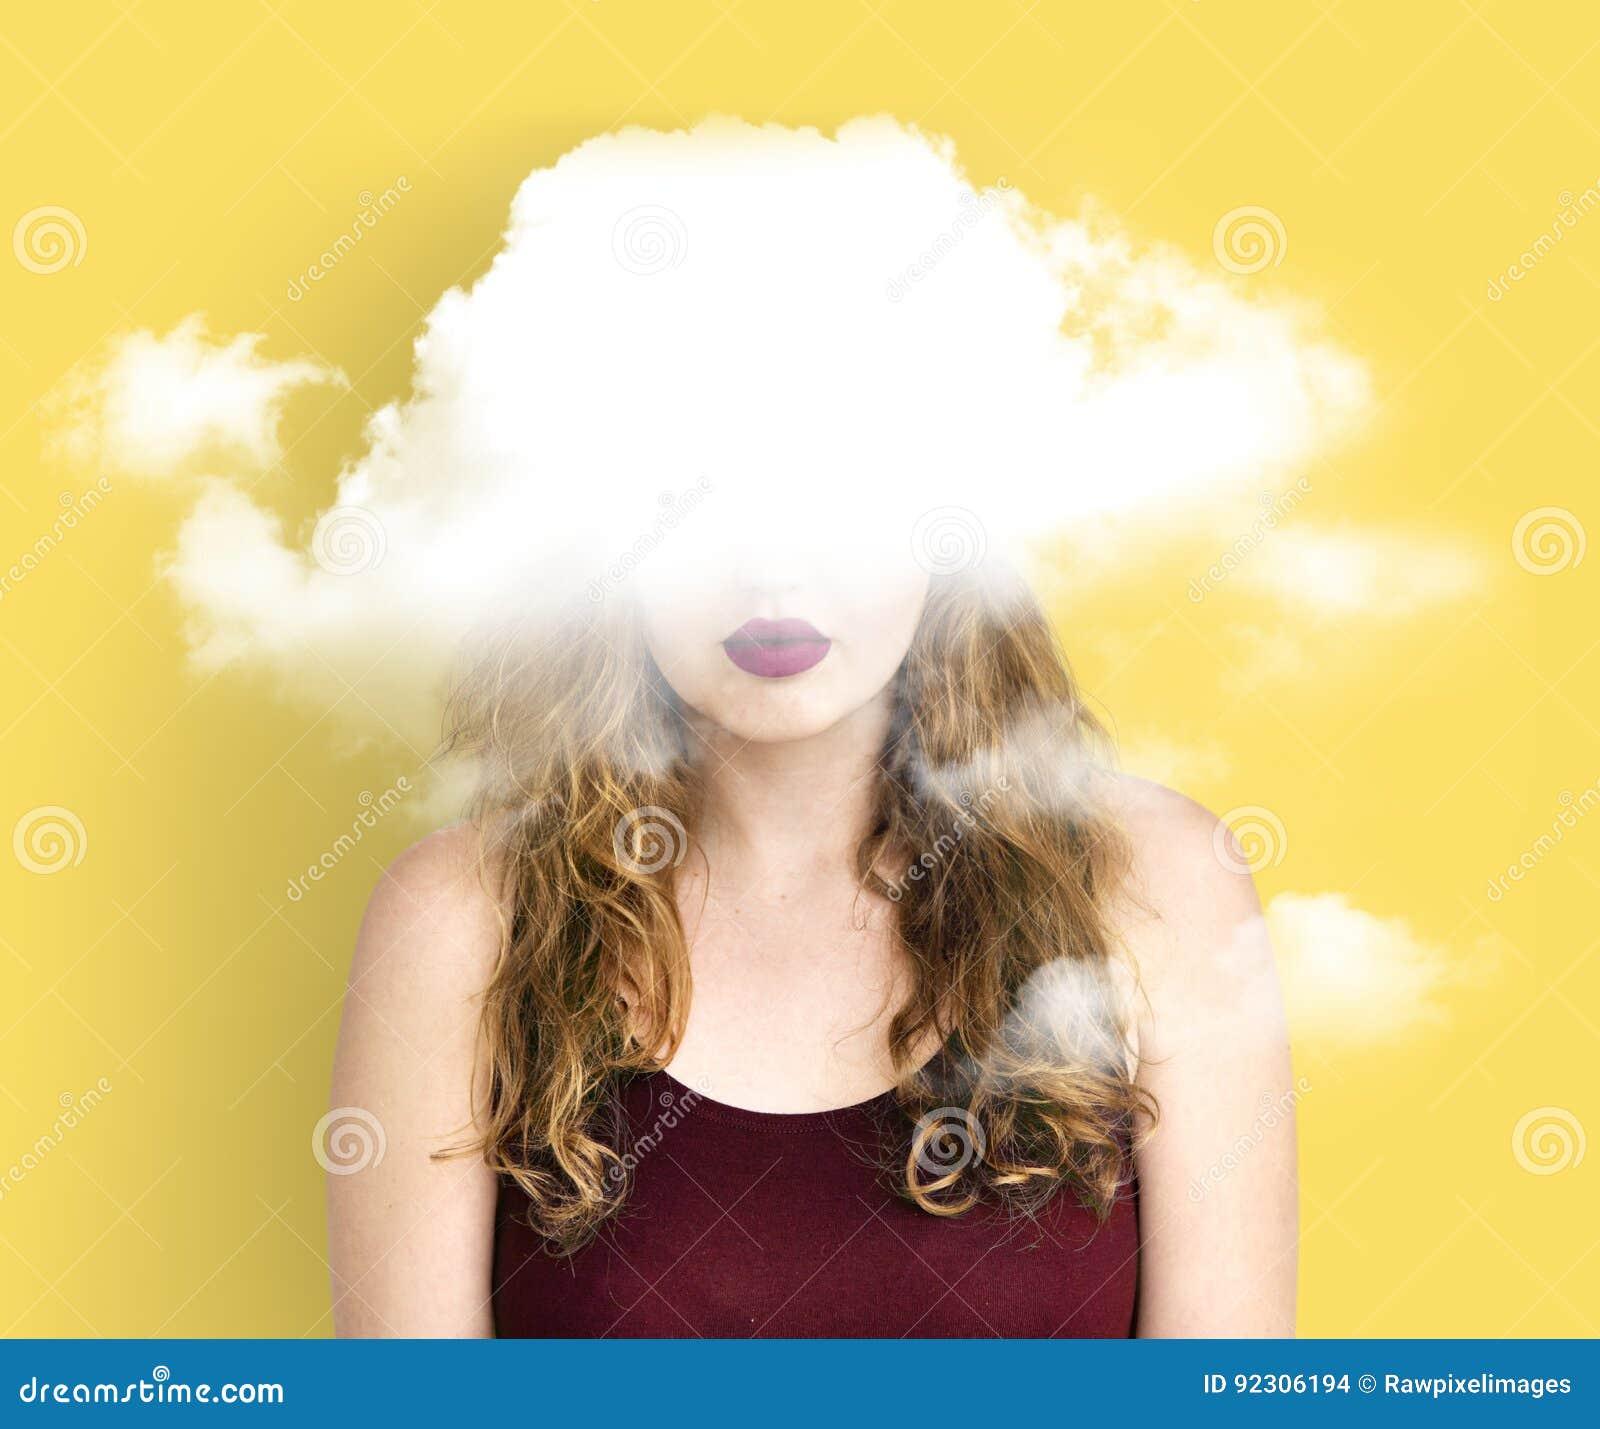 Dicha ocultada nube de la depresión del dilema